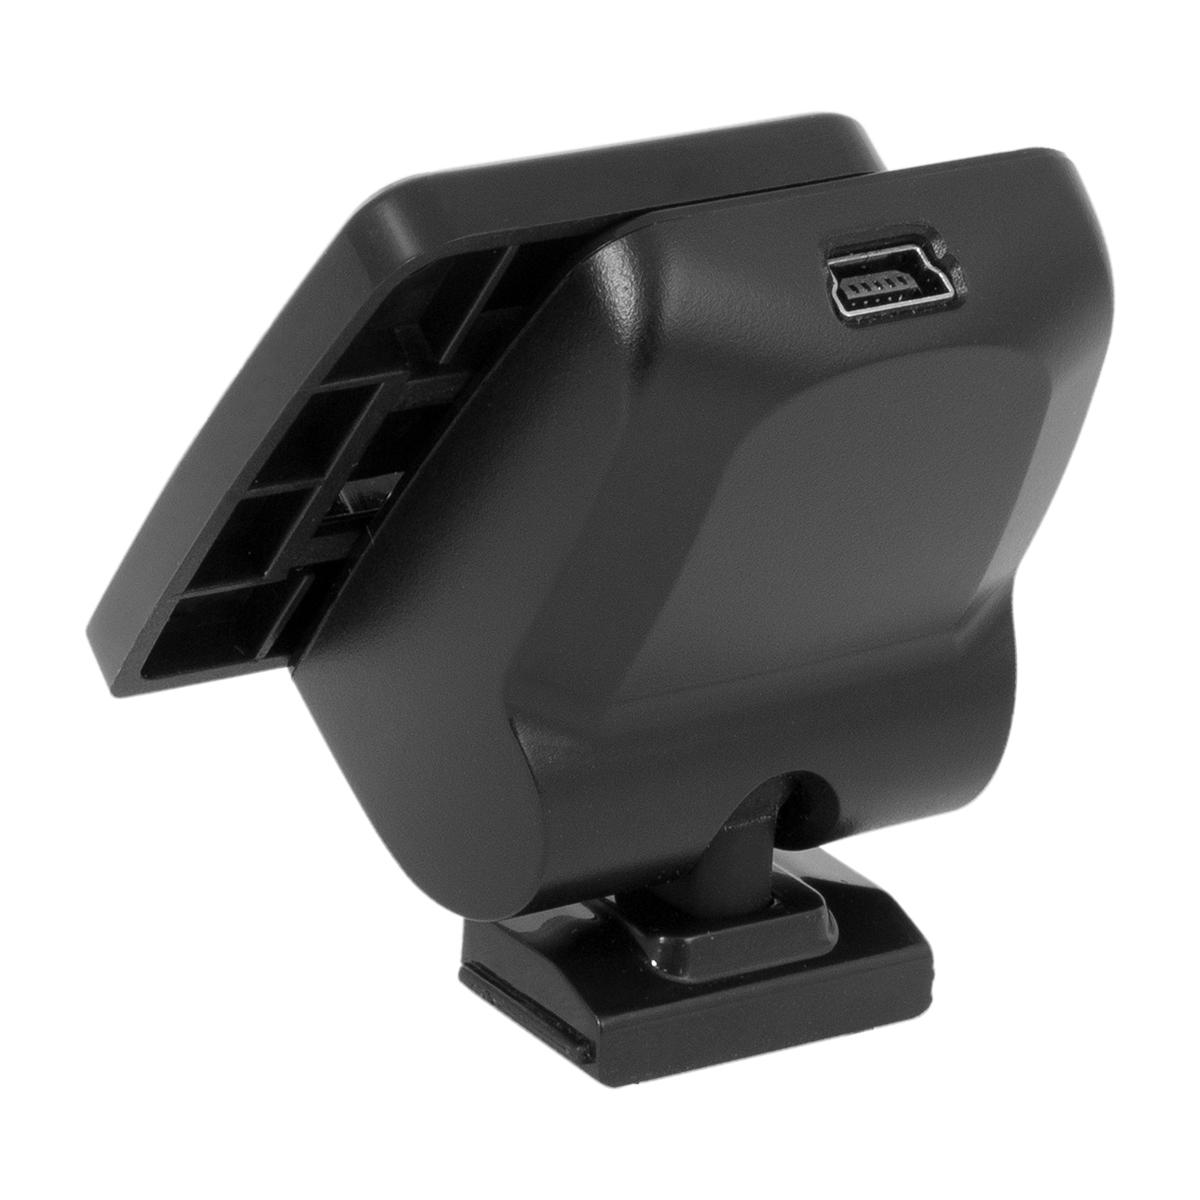 Navitel R600/MSR700 holder (battery)